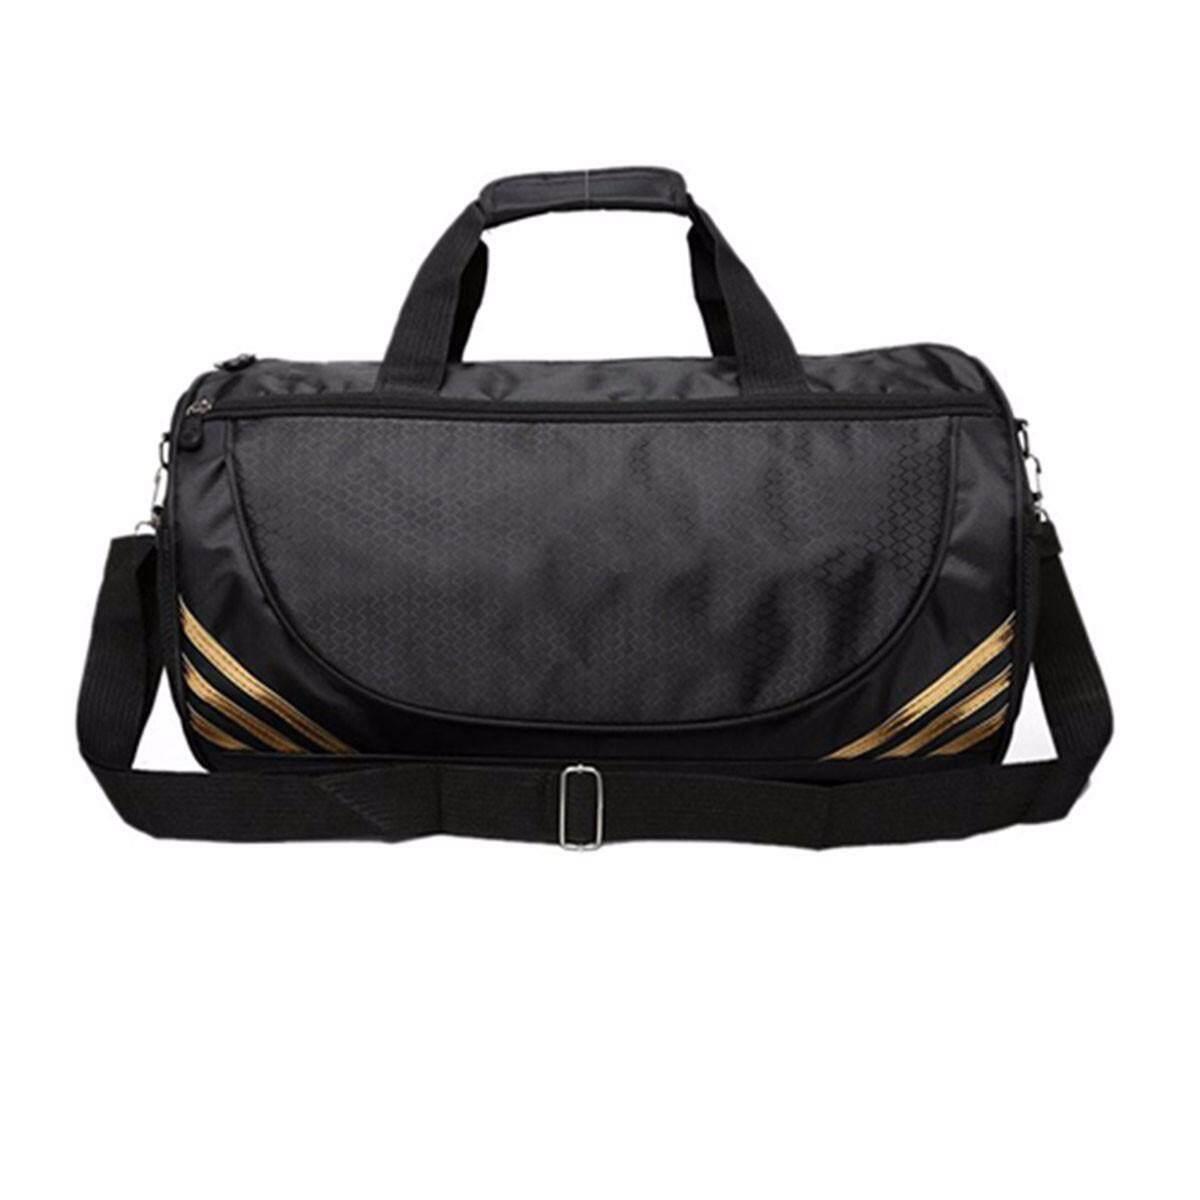 6968ec13eb48 Men Tote Bags - Buy Men Tote Bags at Best Price in Malaysia